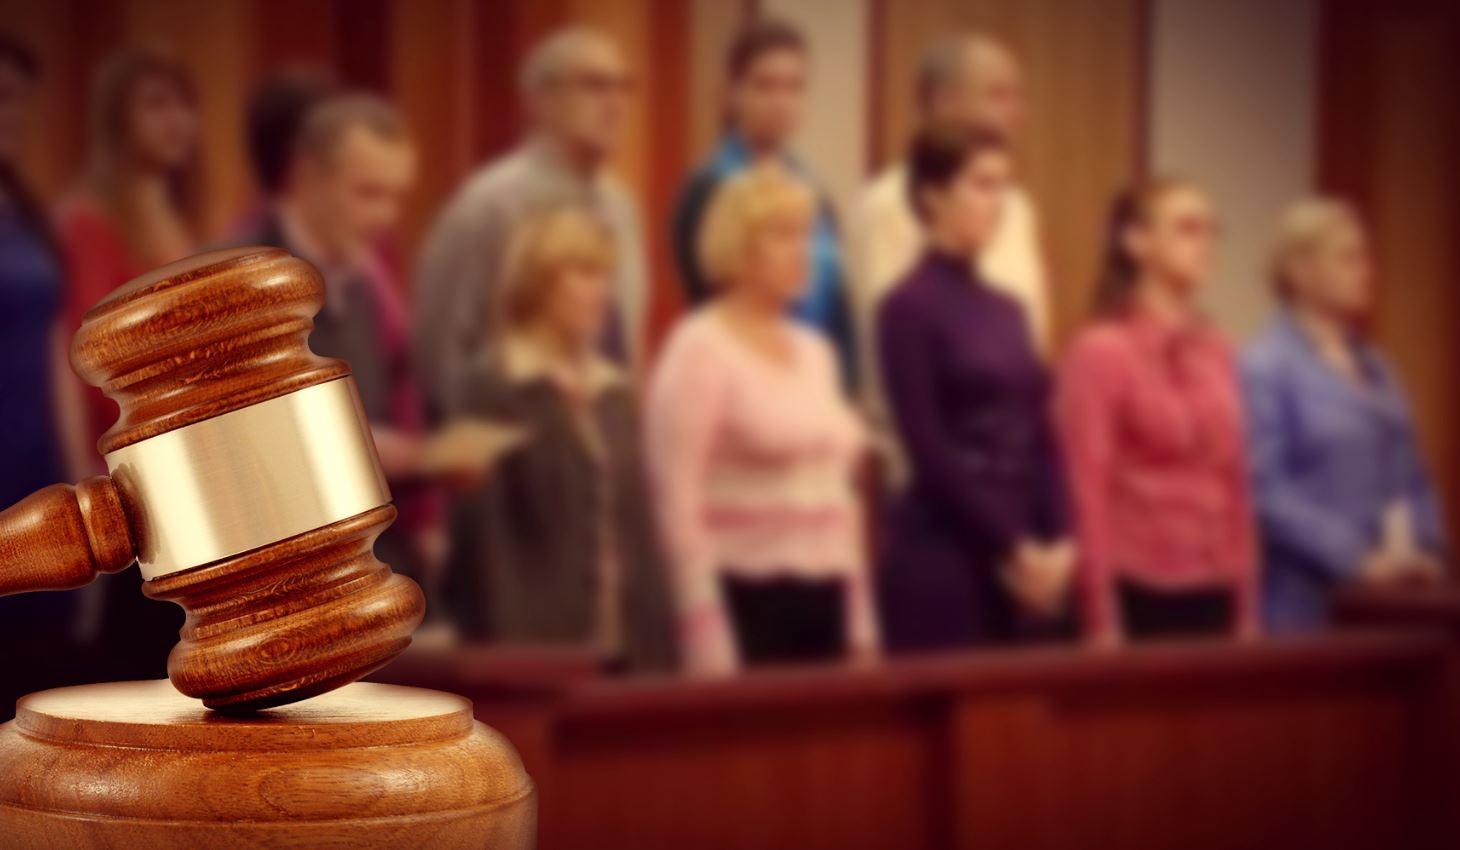 Брянский областной суд отменил оправдательный приговор брянцу, убившему знакомого толкушкой